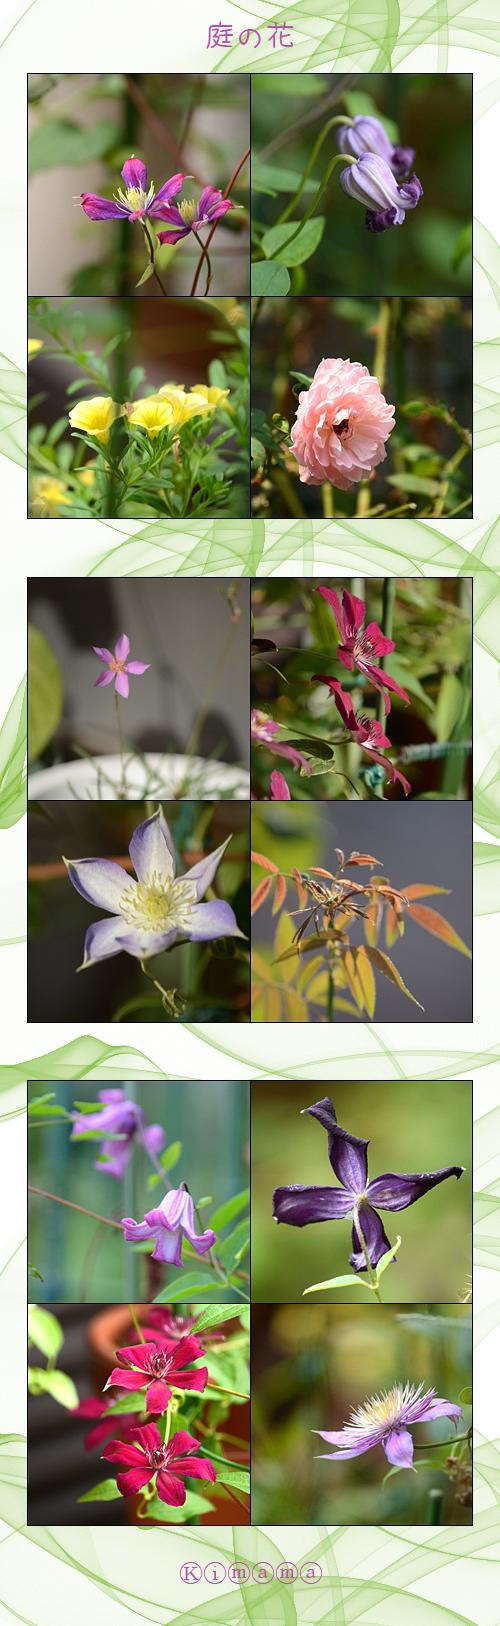 8月17日庭の花